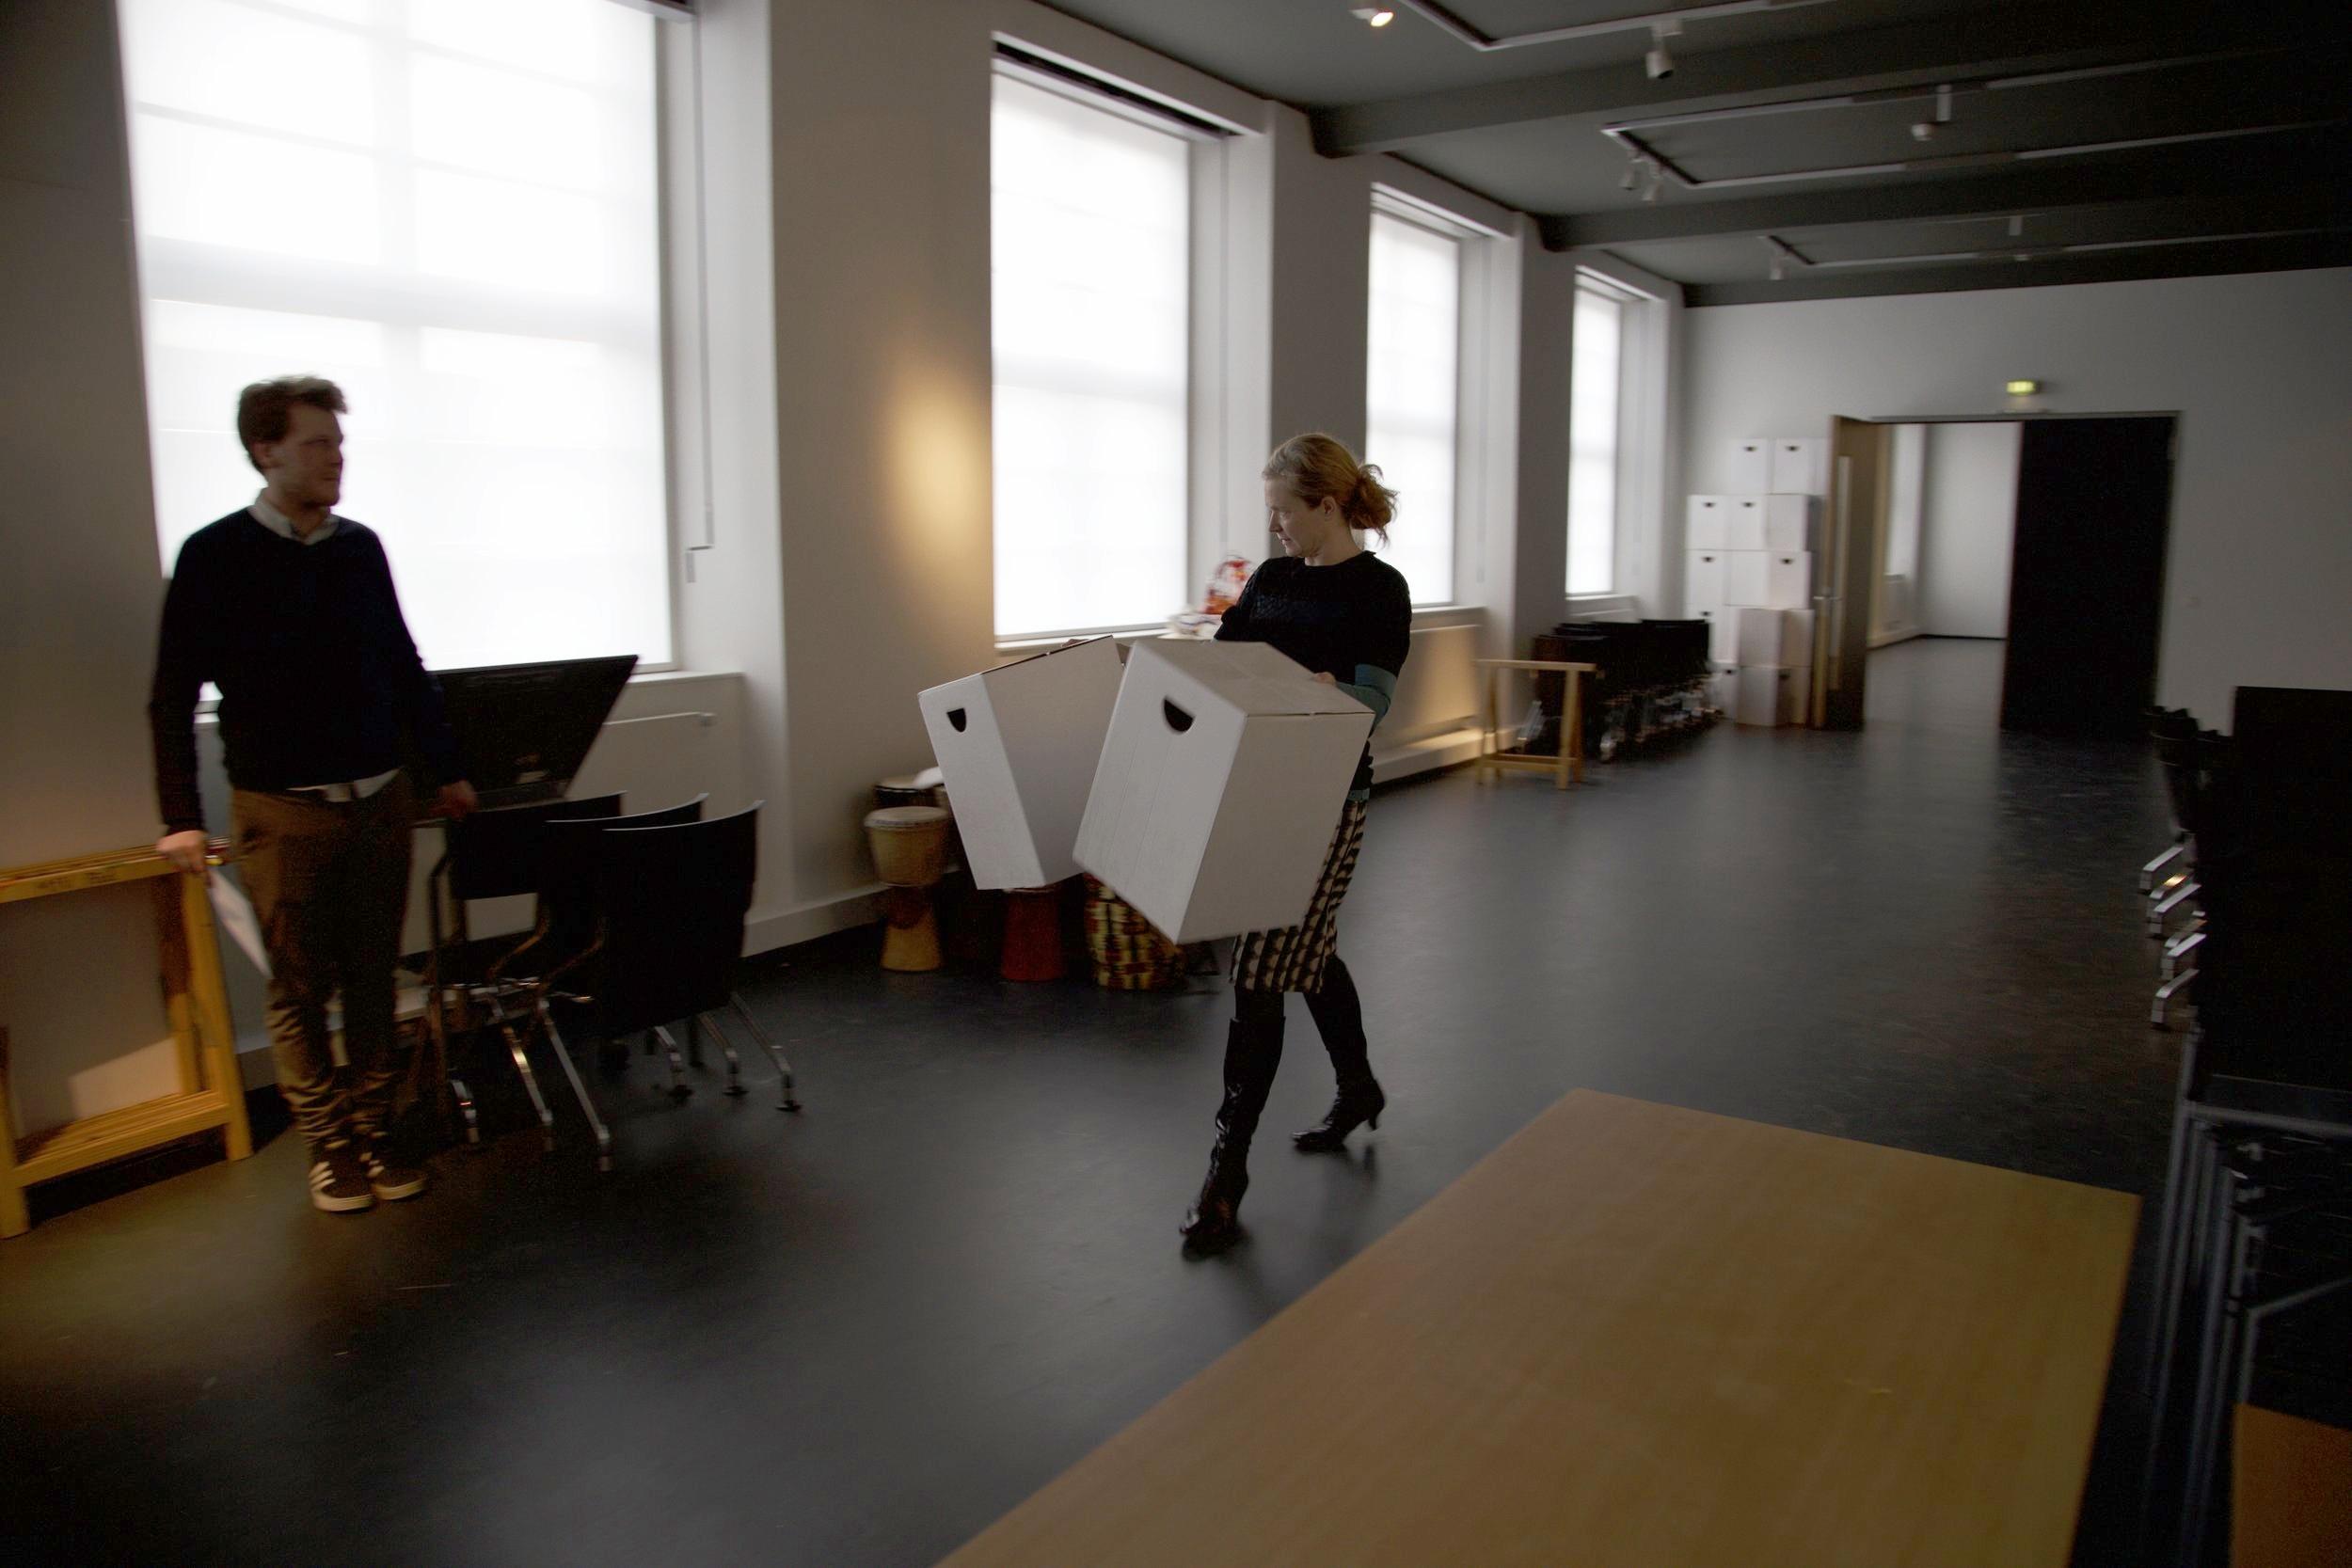 - 27.03.2018: Sneak-Peak GrassiHeute können Sie mal hinter die Kulissen des Grassi Museums Leipzig schauen! Wir sind noch einmal durch die Räume gegangen, in denen ab 09. April WERKSTATT PROLOG wieder aufgebaut wird. Noch ein paar Fotos gibt es hier.